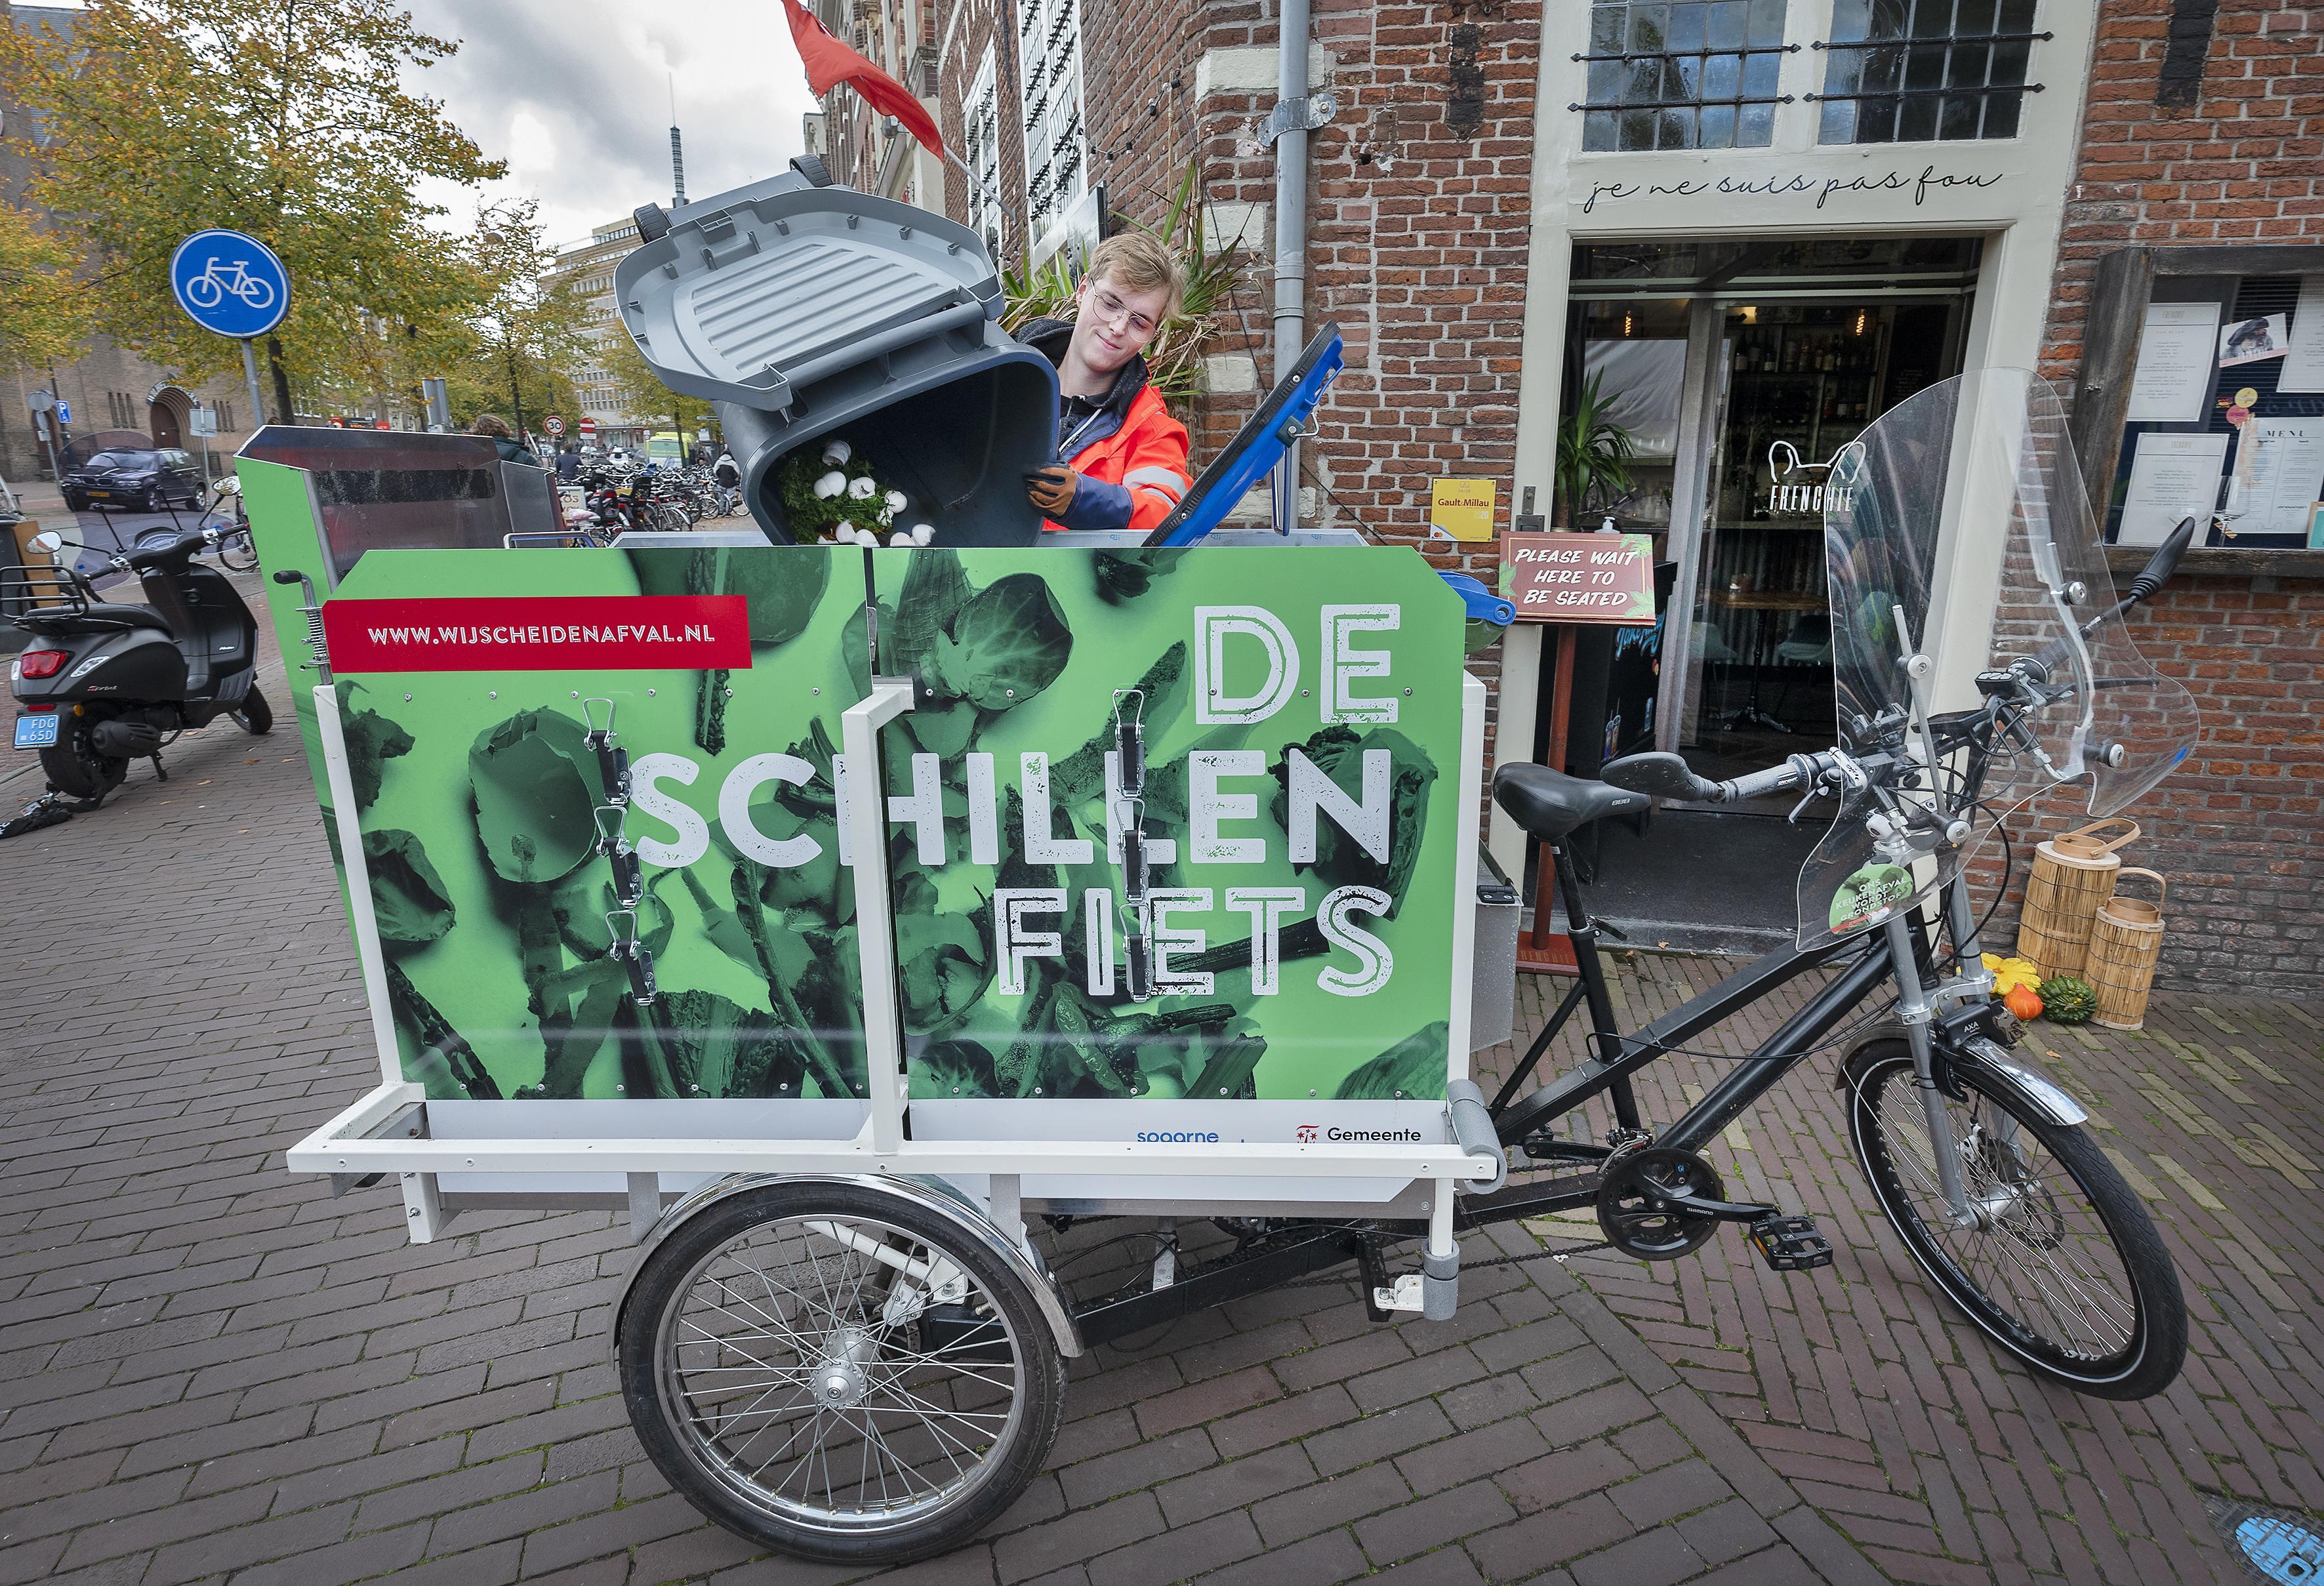 Schillenboer met stalen ros verlost Haarlemse horeca van keukenafval. 'Steeds meer zaken doen mee'